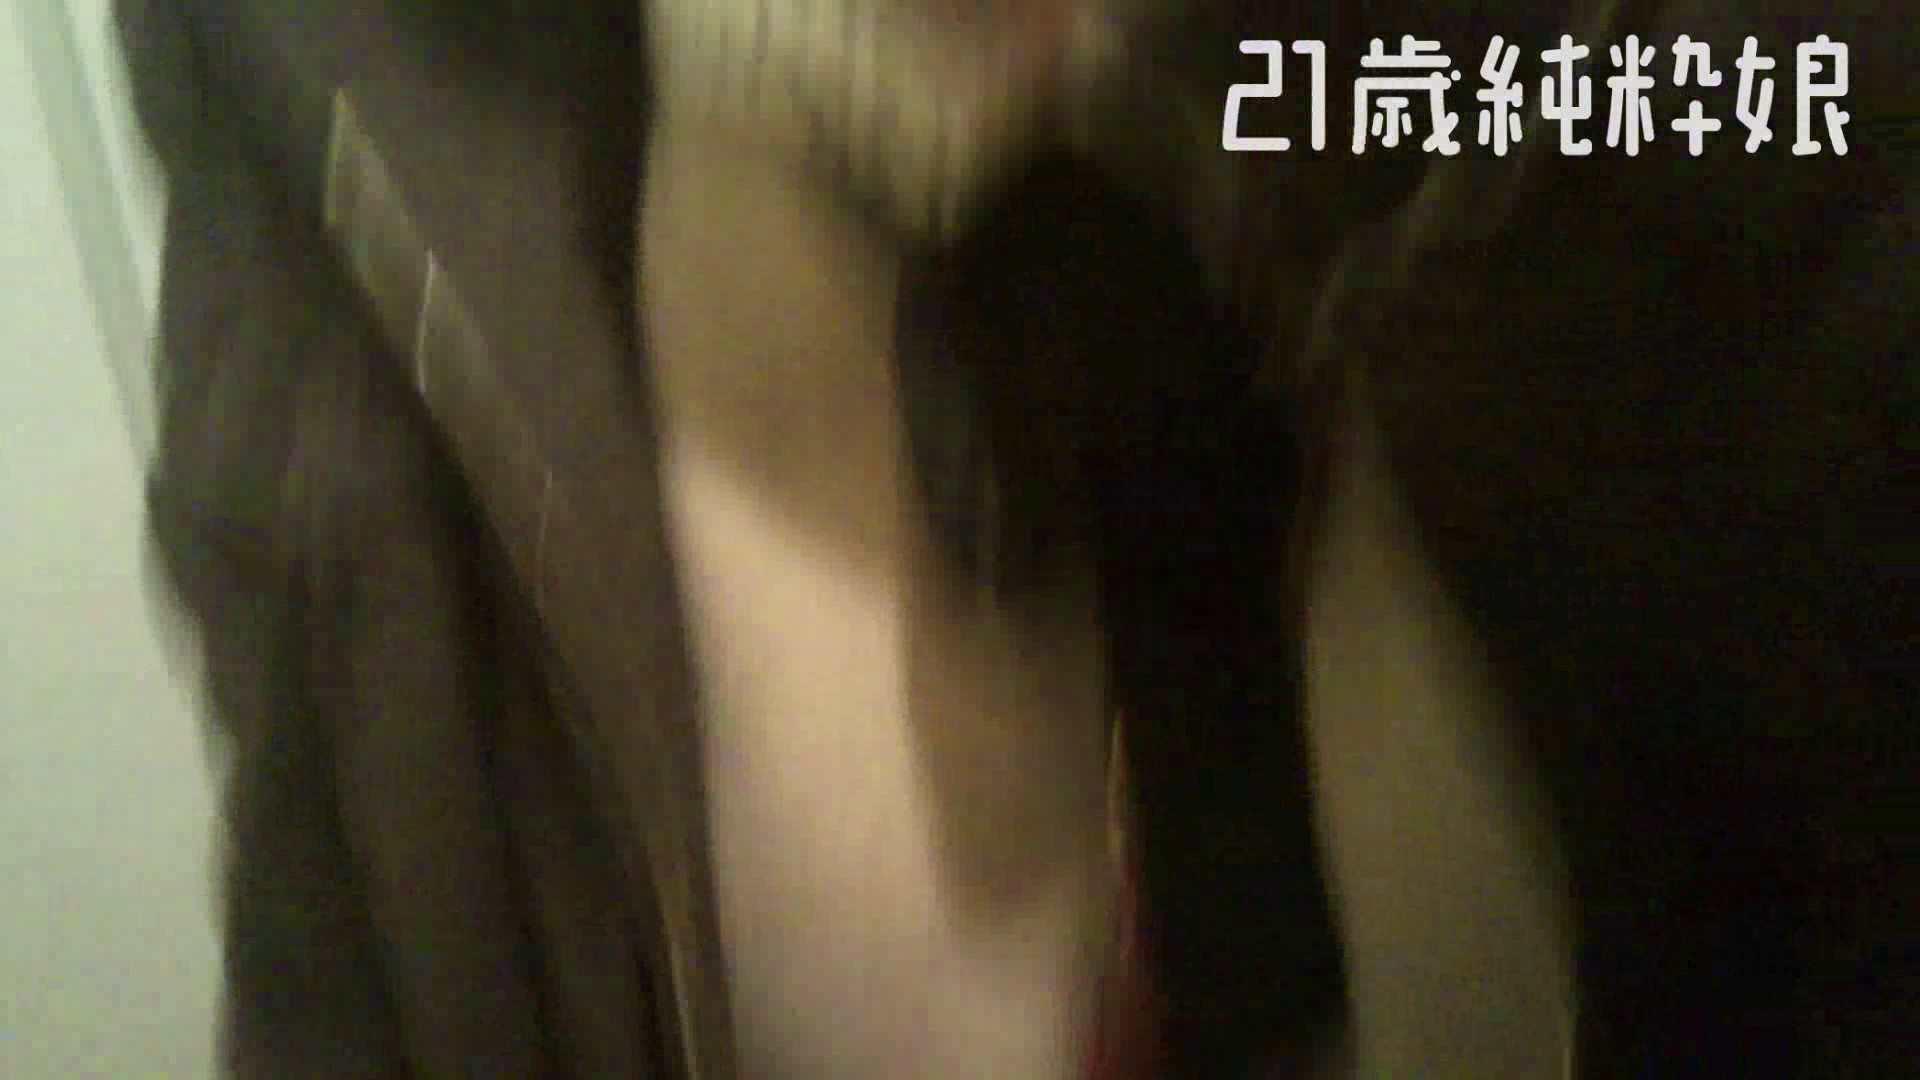 Gカップ21歳純粋嬢第2弾Vol.5 一般投稿  99連発 70